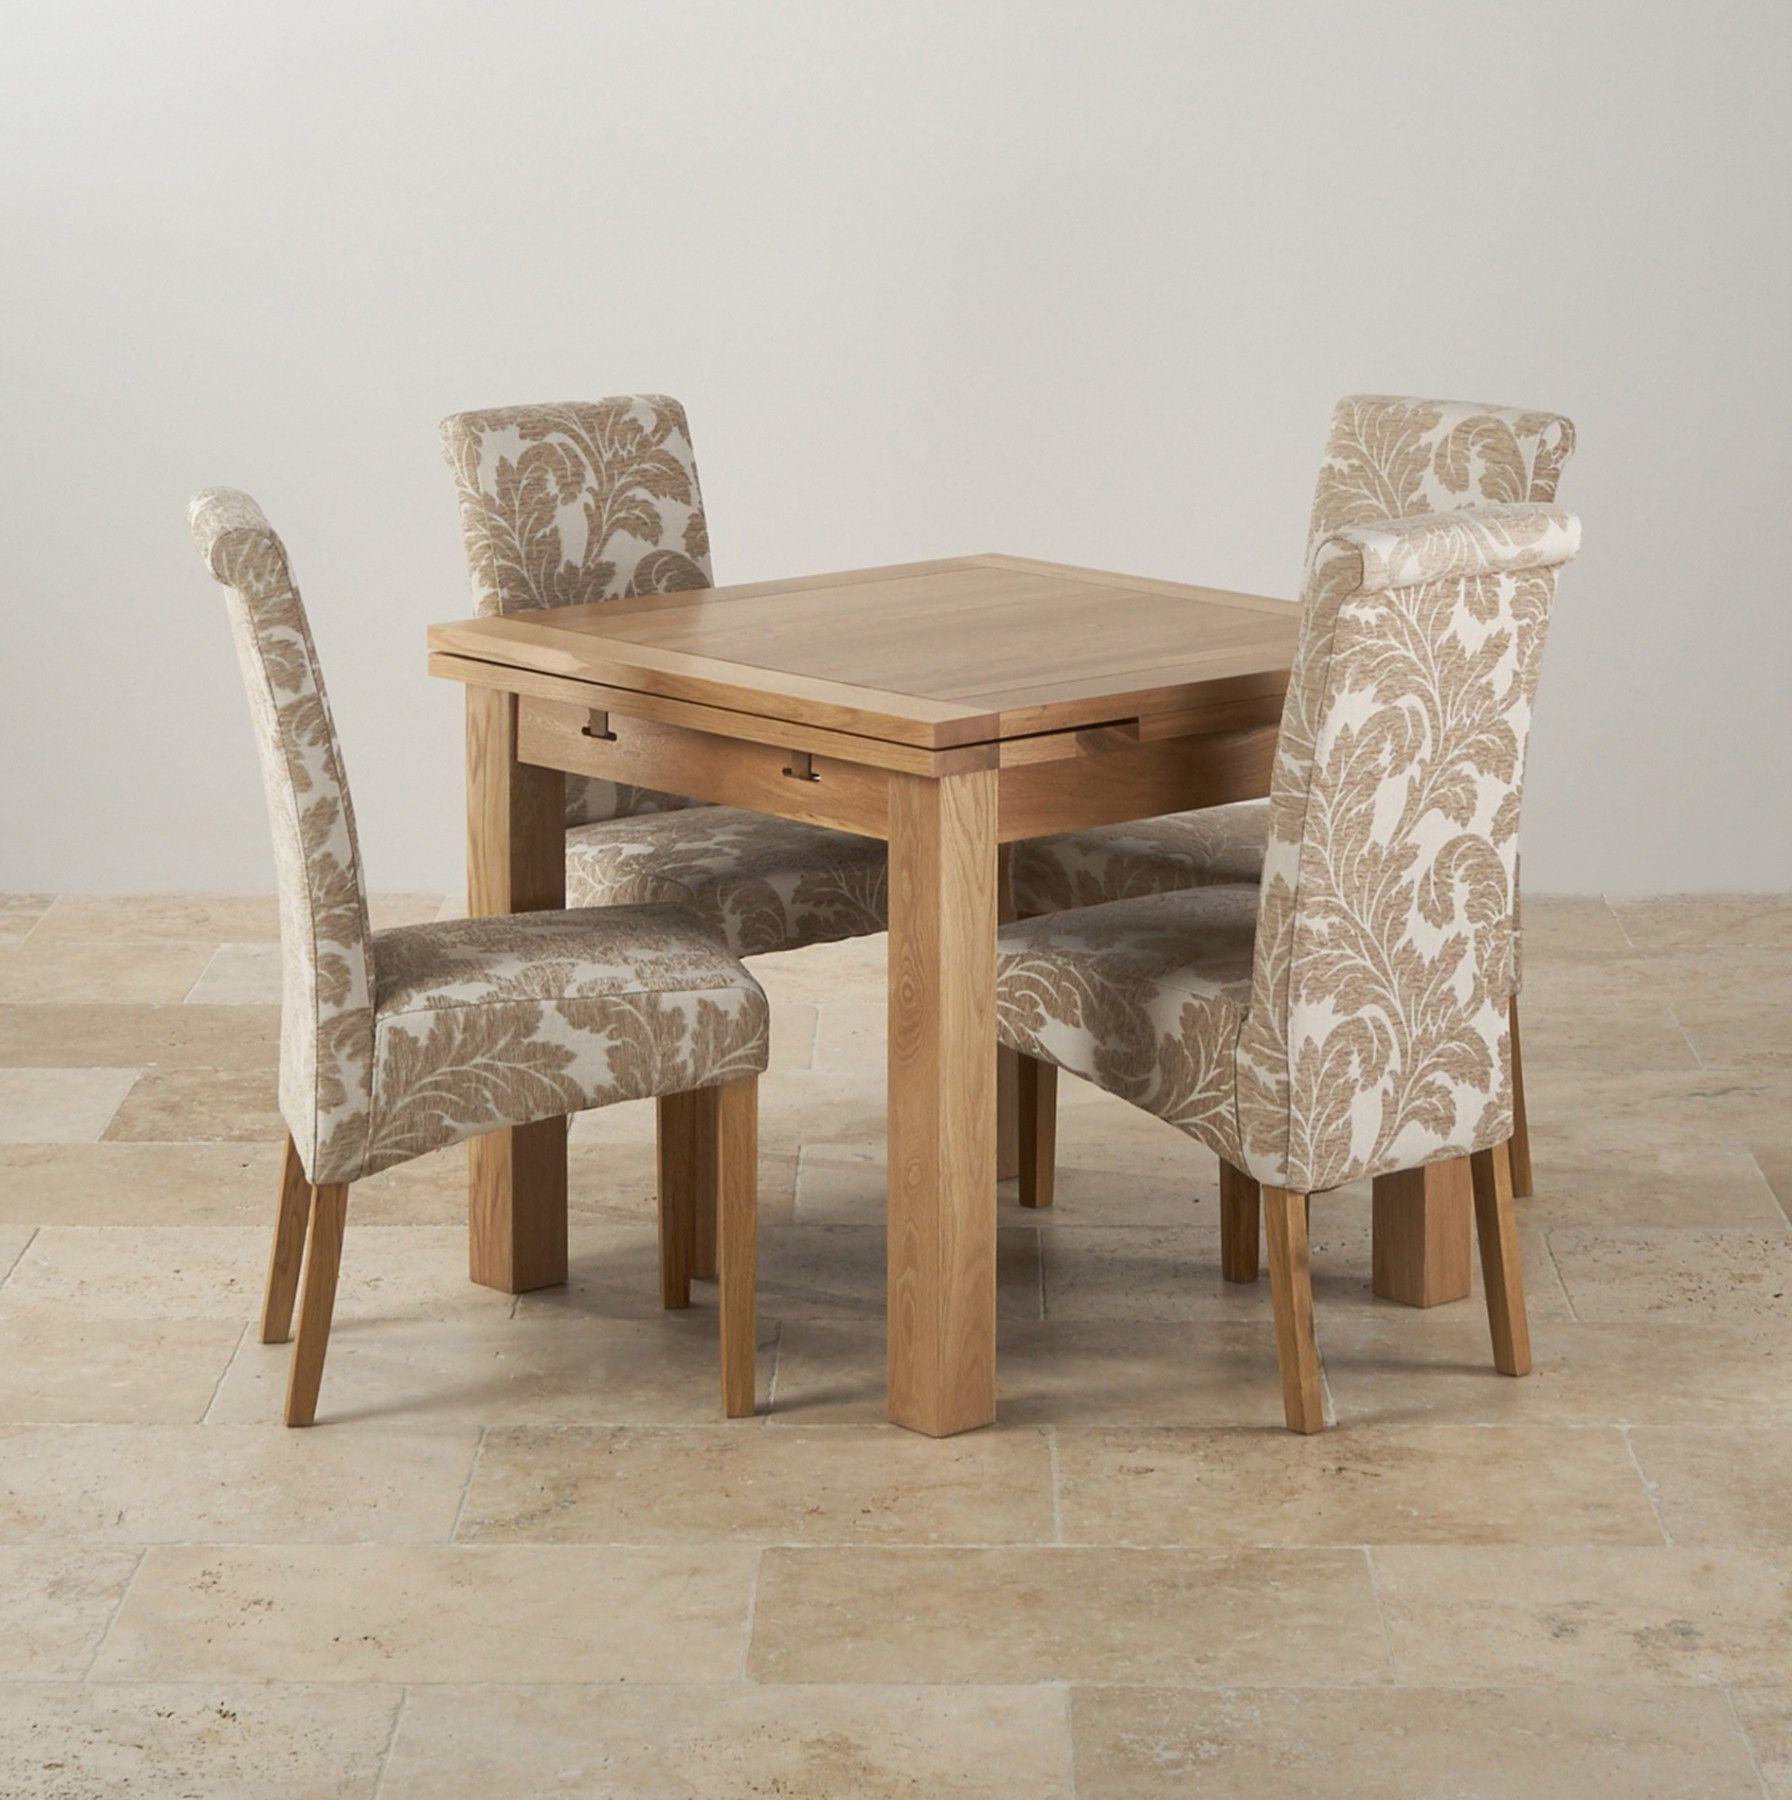 Wunderbar Esstisch Stühle Für Den Verkauf Großer Esstisch Und Stühle, Moderne  Esszimmer Möbel Aus Dunklem Holz Esstisch Kaufen, Esstisch Set #Küchenstühle